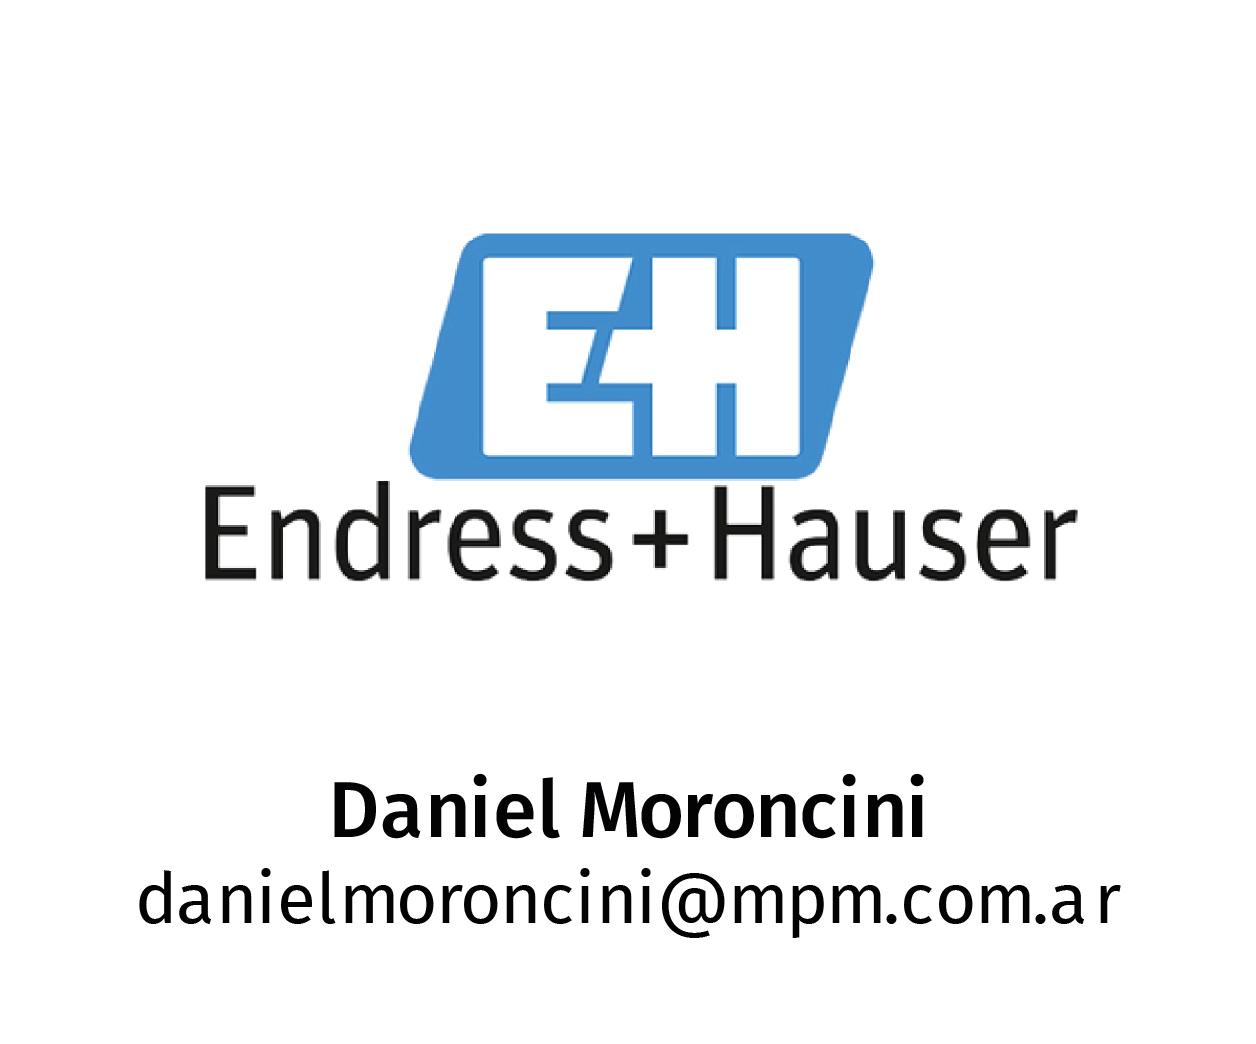 http://profibus.com.ar/wp-content/uploads/2017/03/logos_datos_sponsor-14.jpg